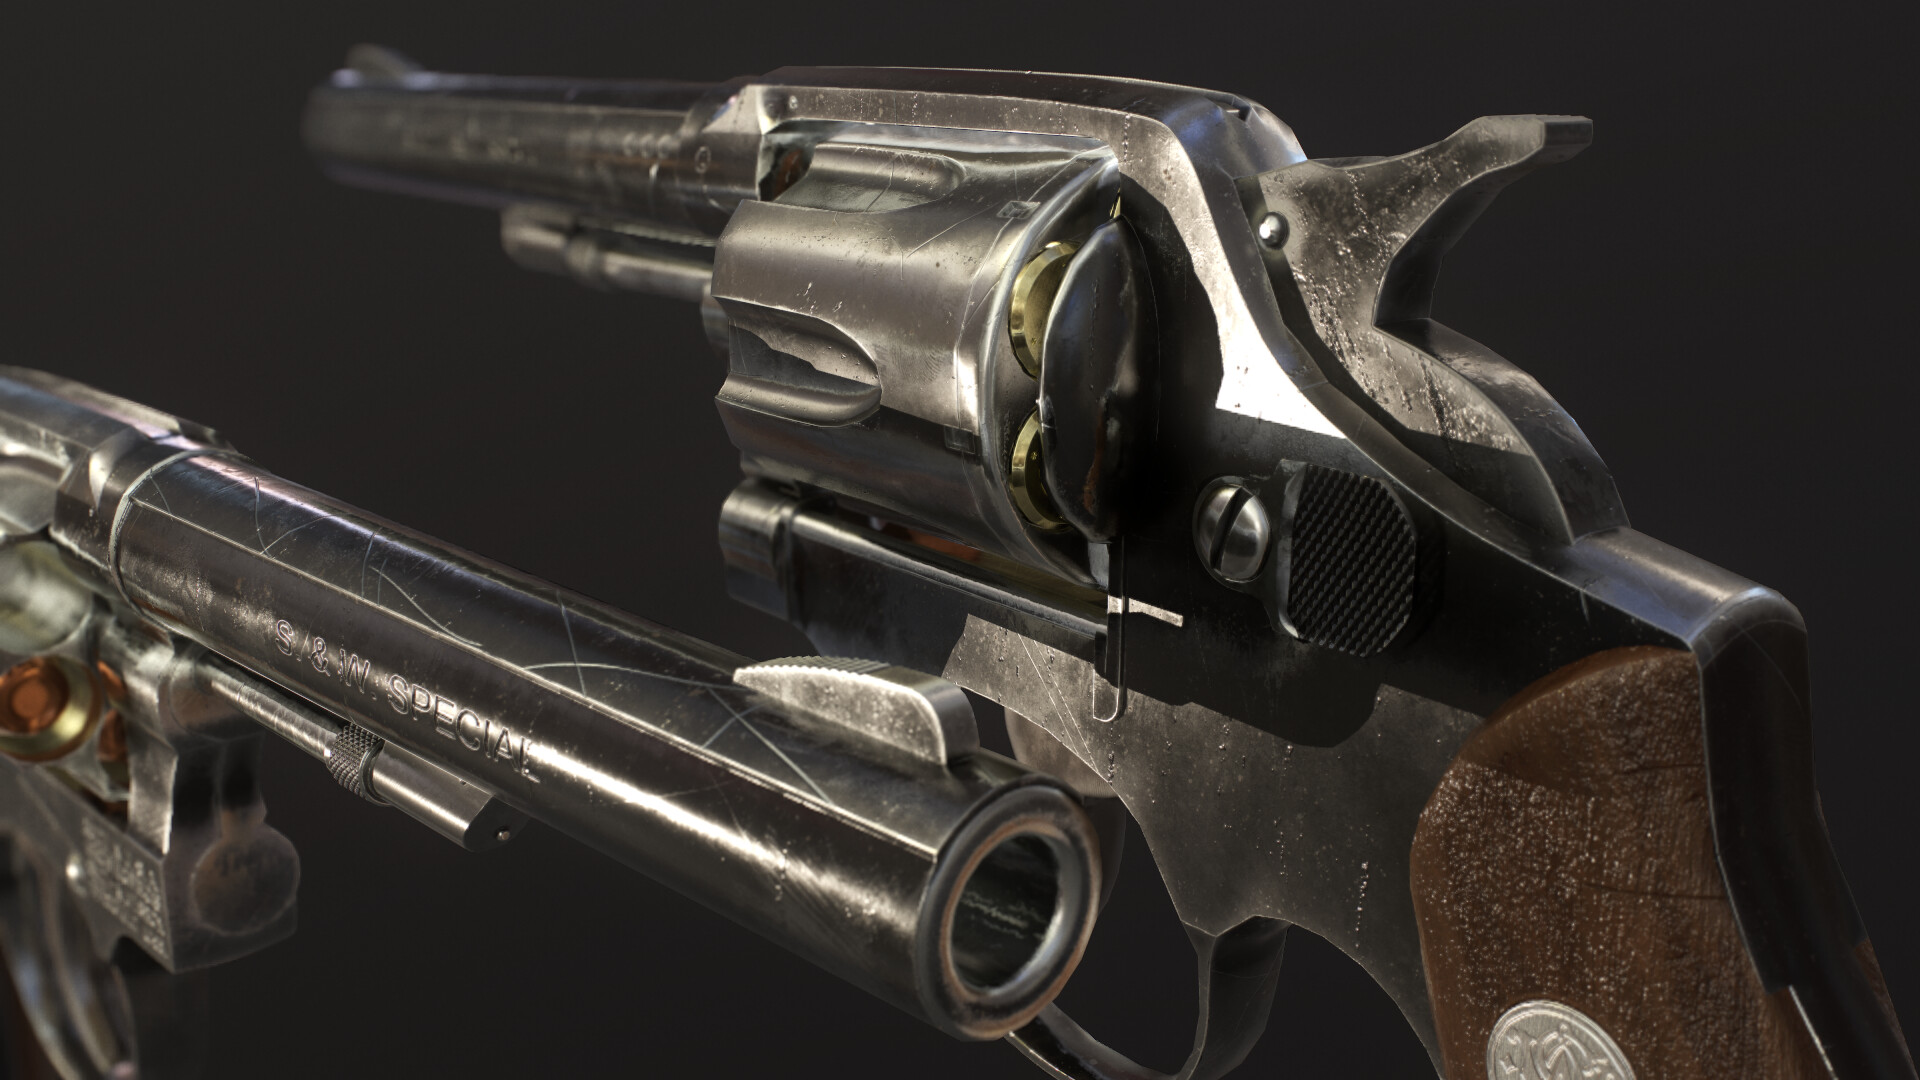 Ramy Ahmed Yahia - Smith & Wesson Revolver Model 10